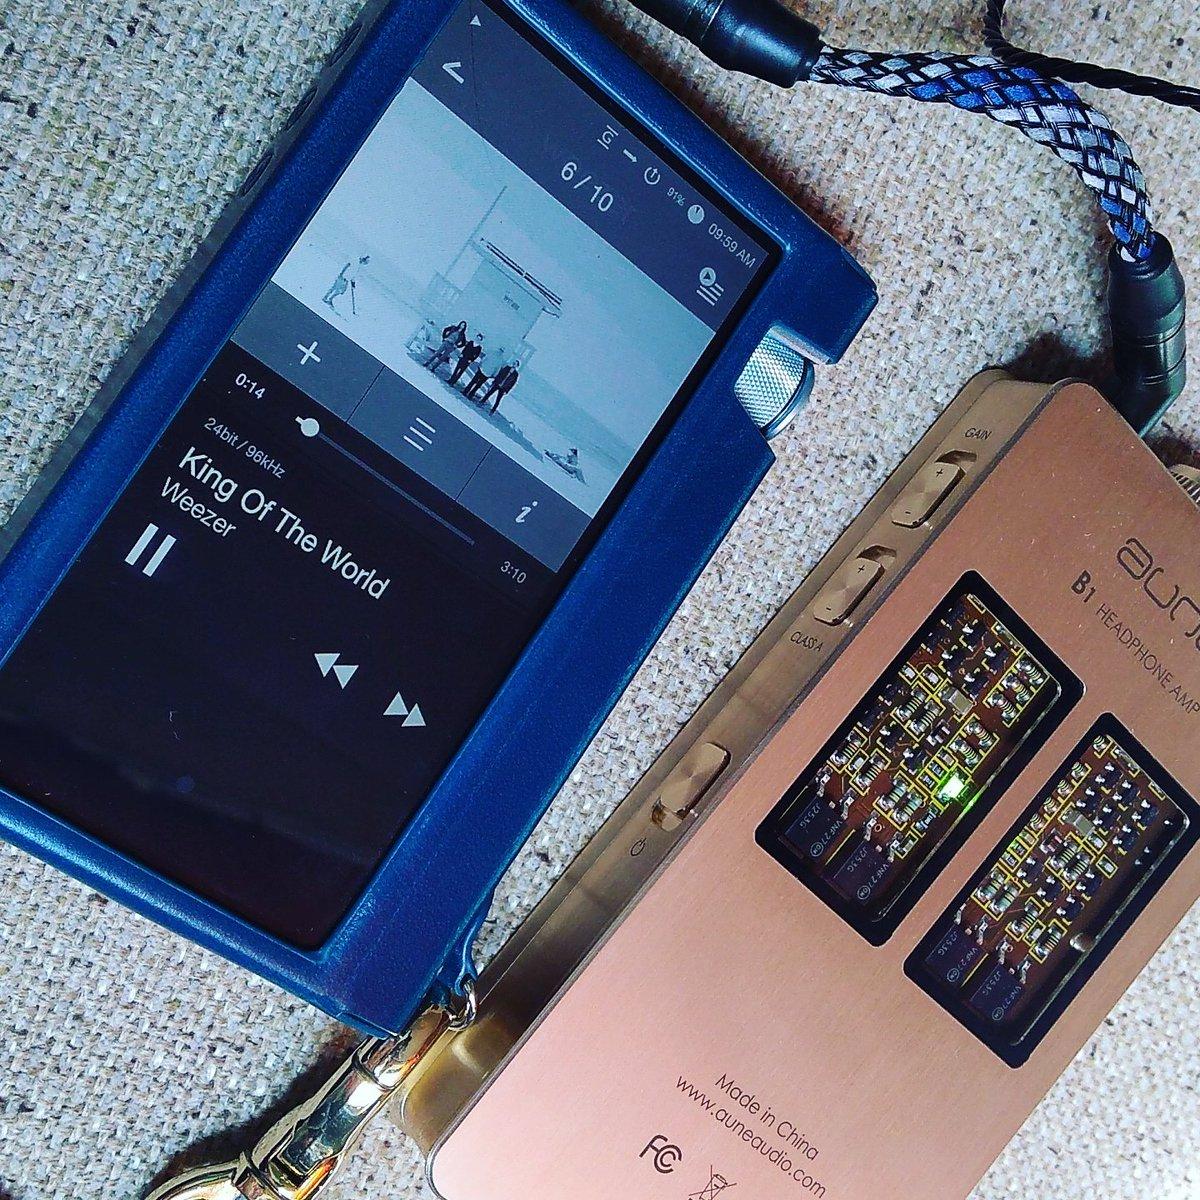 出てたのは知ってたけど存在を無視していた Weezer の White Album をはじめて聴いた。Astell&am